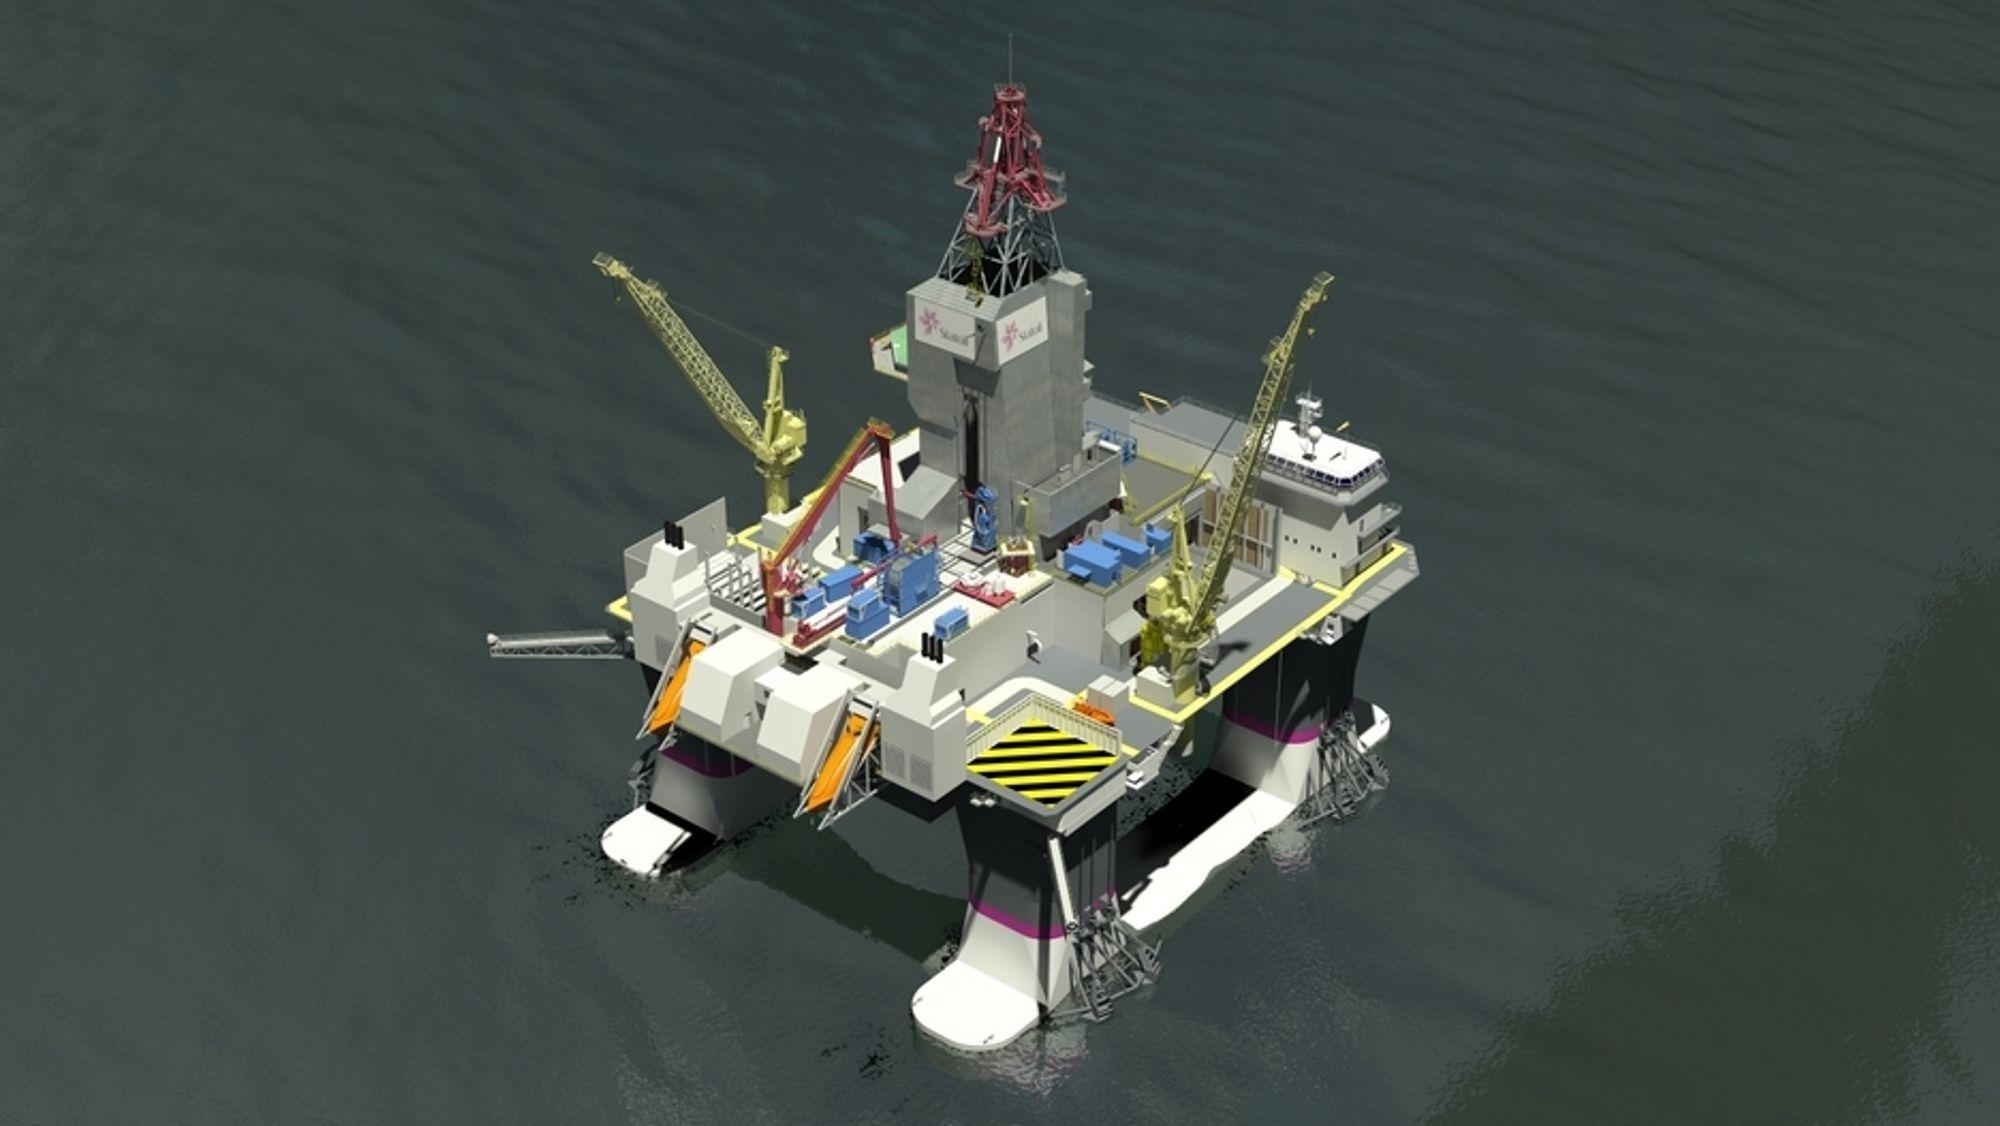 ARBEIDSHEST: Kategori D-riggene til Statoil bygges i Sør-Korea. De spesialbygges for havdyp på 100-500 meter og er beregnet på å bore og komplettere brønner året rundt i Nordsjøen og Norskehavet.